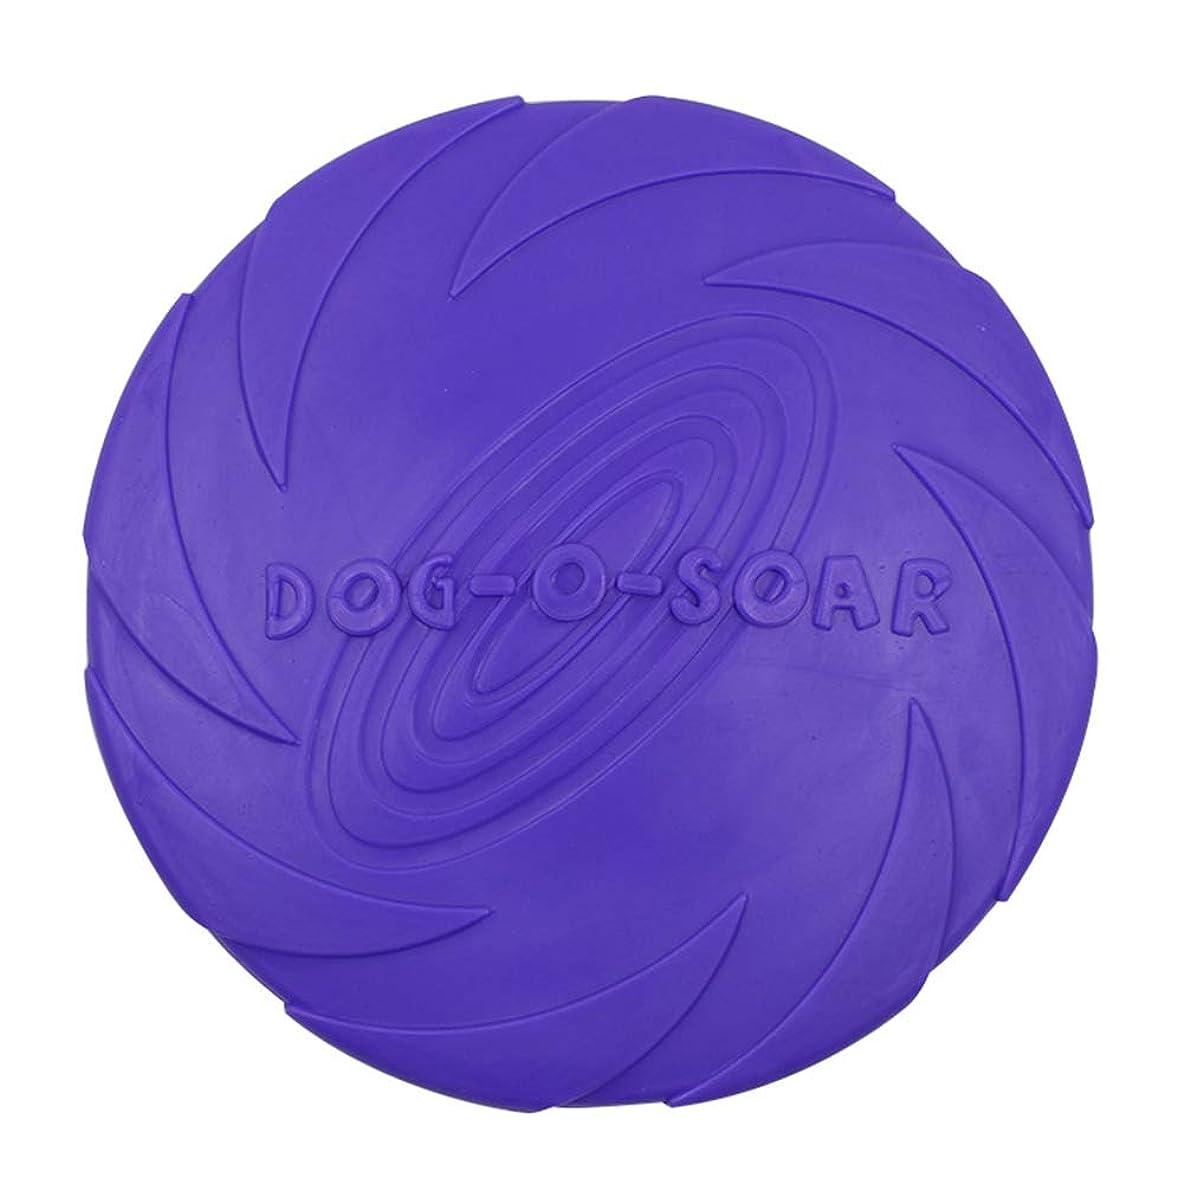 教える皮慈悲Pet Frisbee - 犬の訓練用玩具15cmゴールデンモステディフローティングウォーターバイスフリスビー,Purple